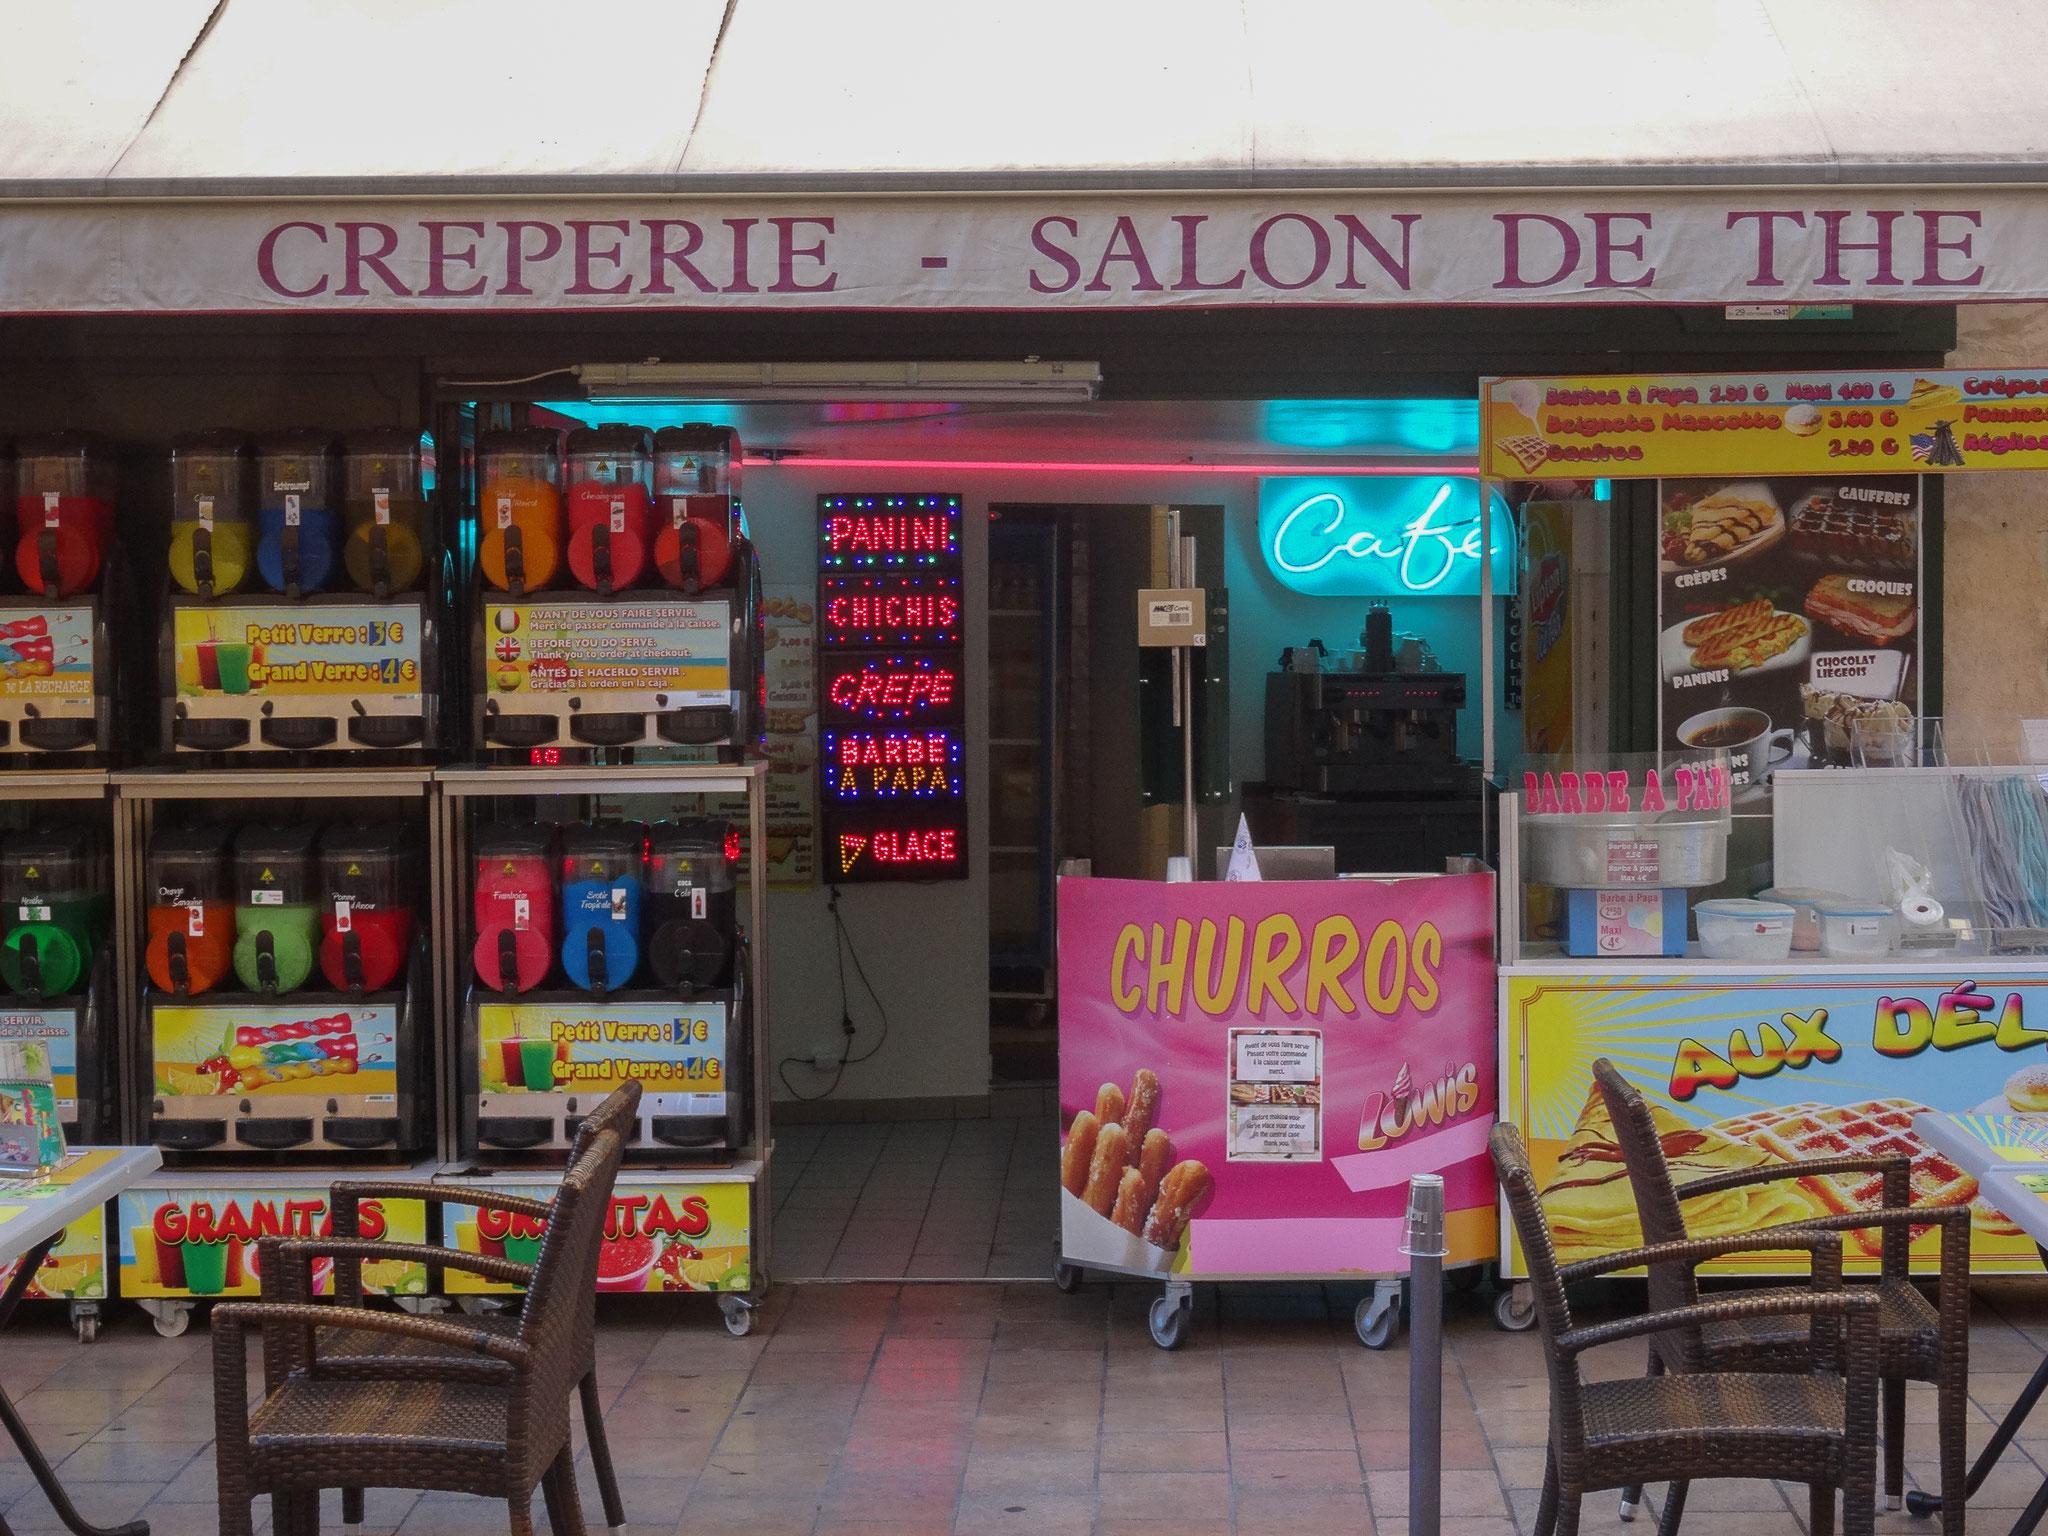 Bild: Sarlat-de-Canéda